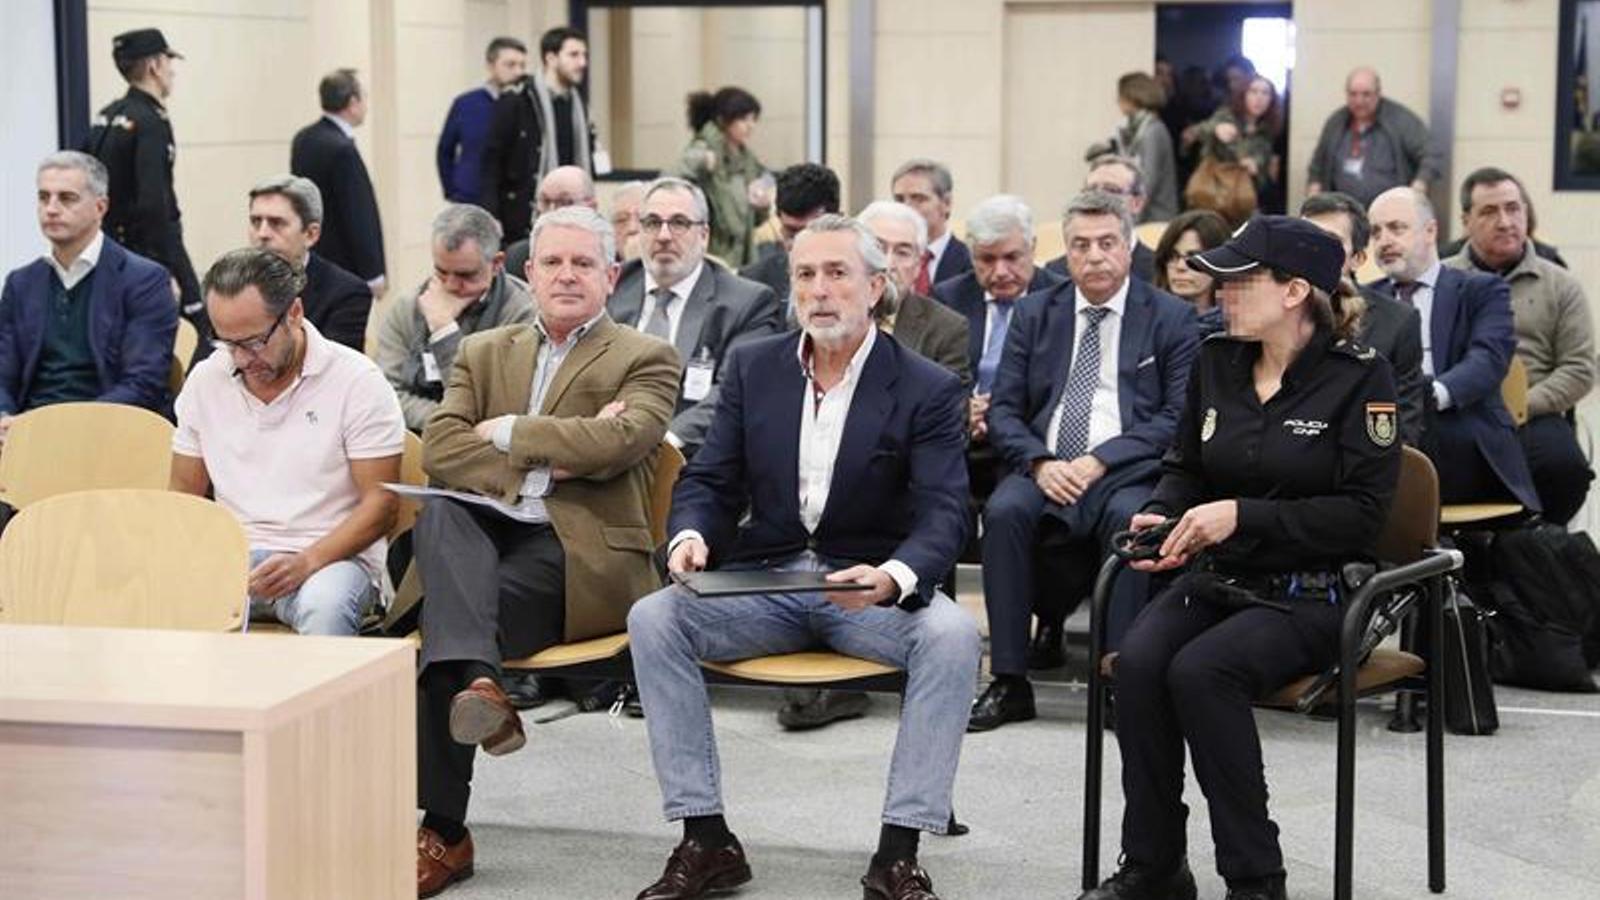 La fiscalia s'obre a rebaixar la petició de pena per a Correa si confessa sobre la Gürtel valenciana